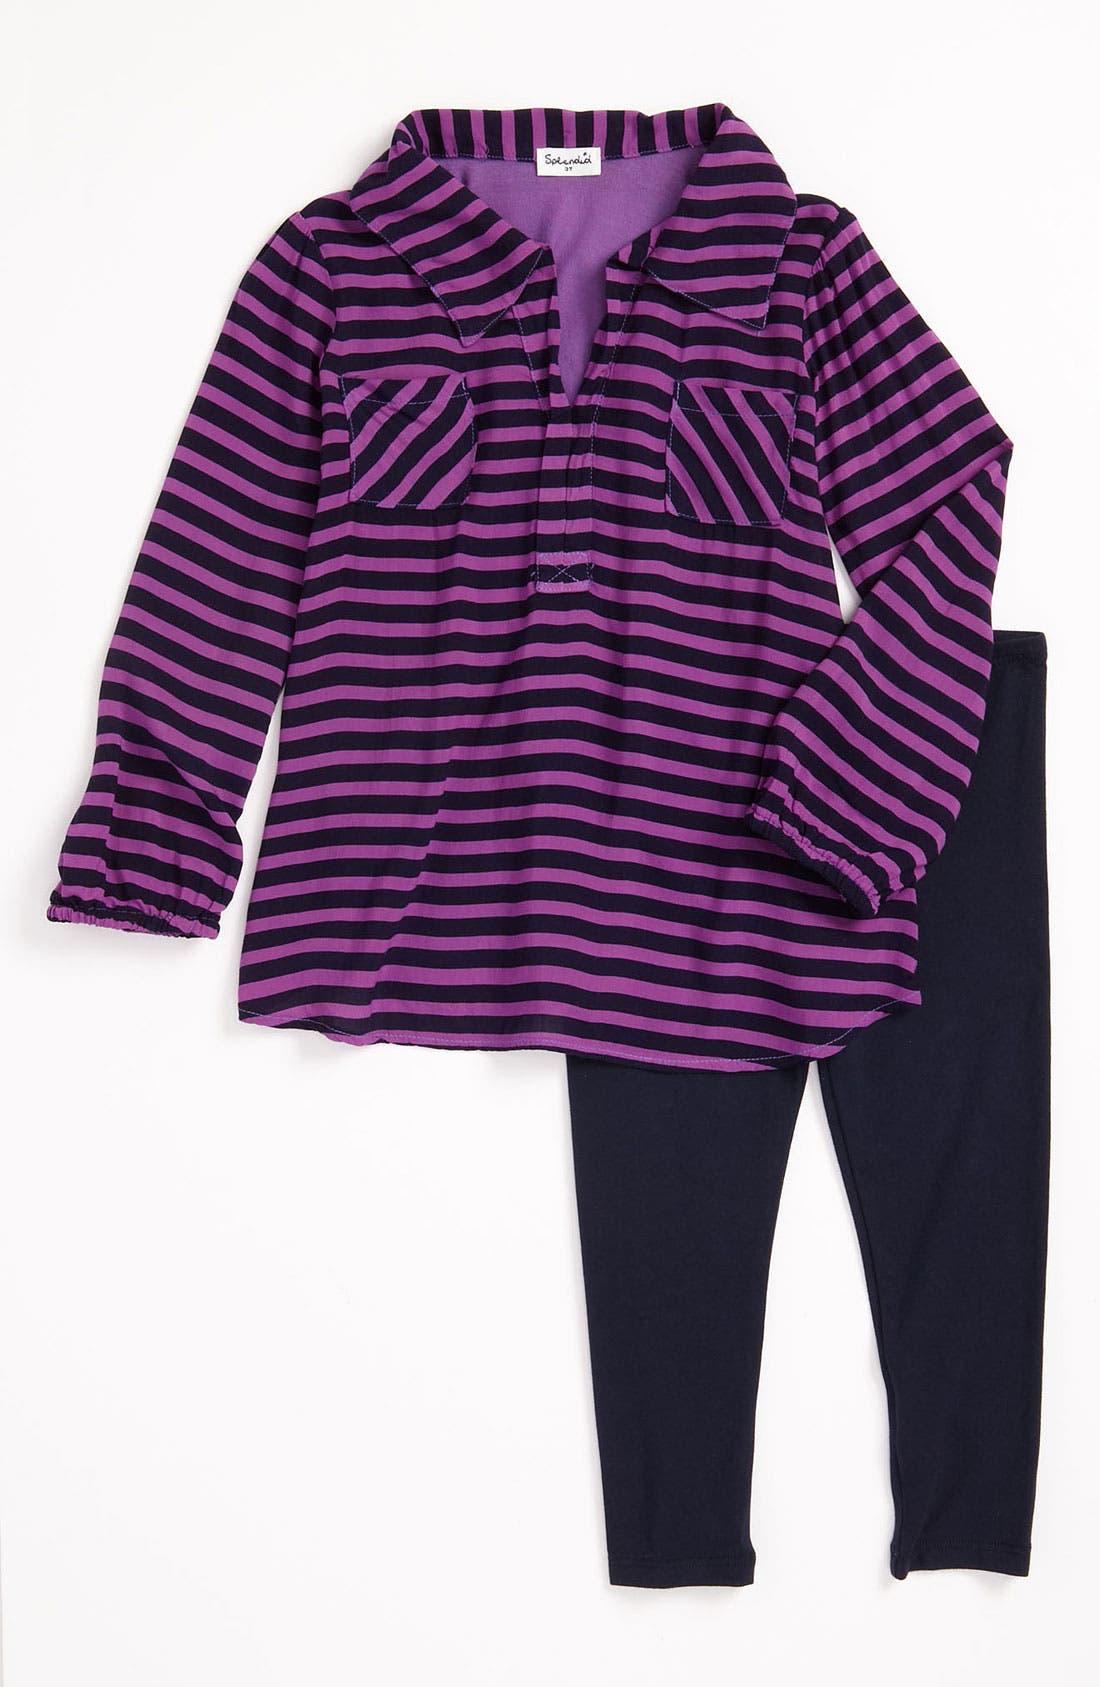 Main Image - Splendid 'Famous' Stripe Tunic & Leggings (Little Girls)